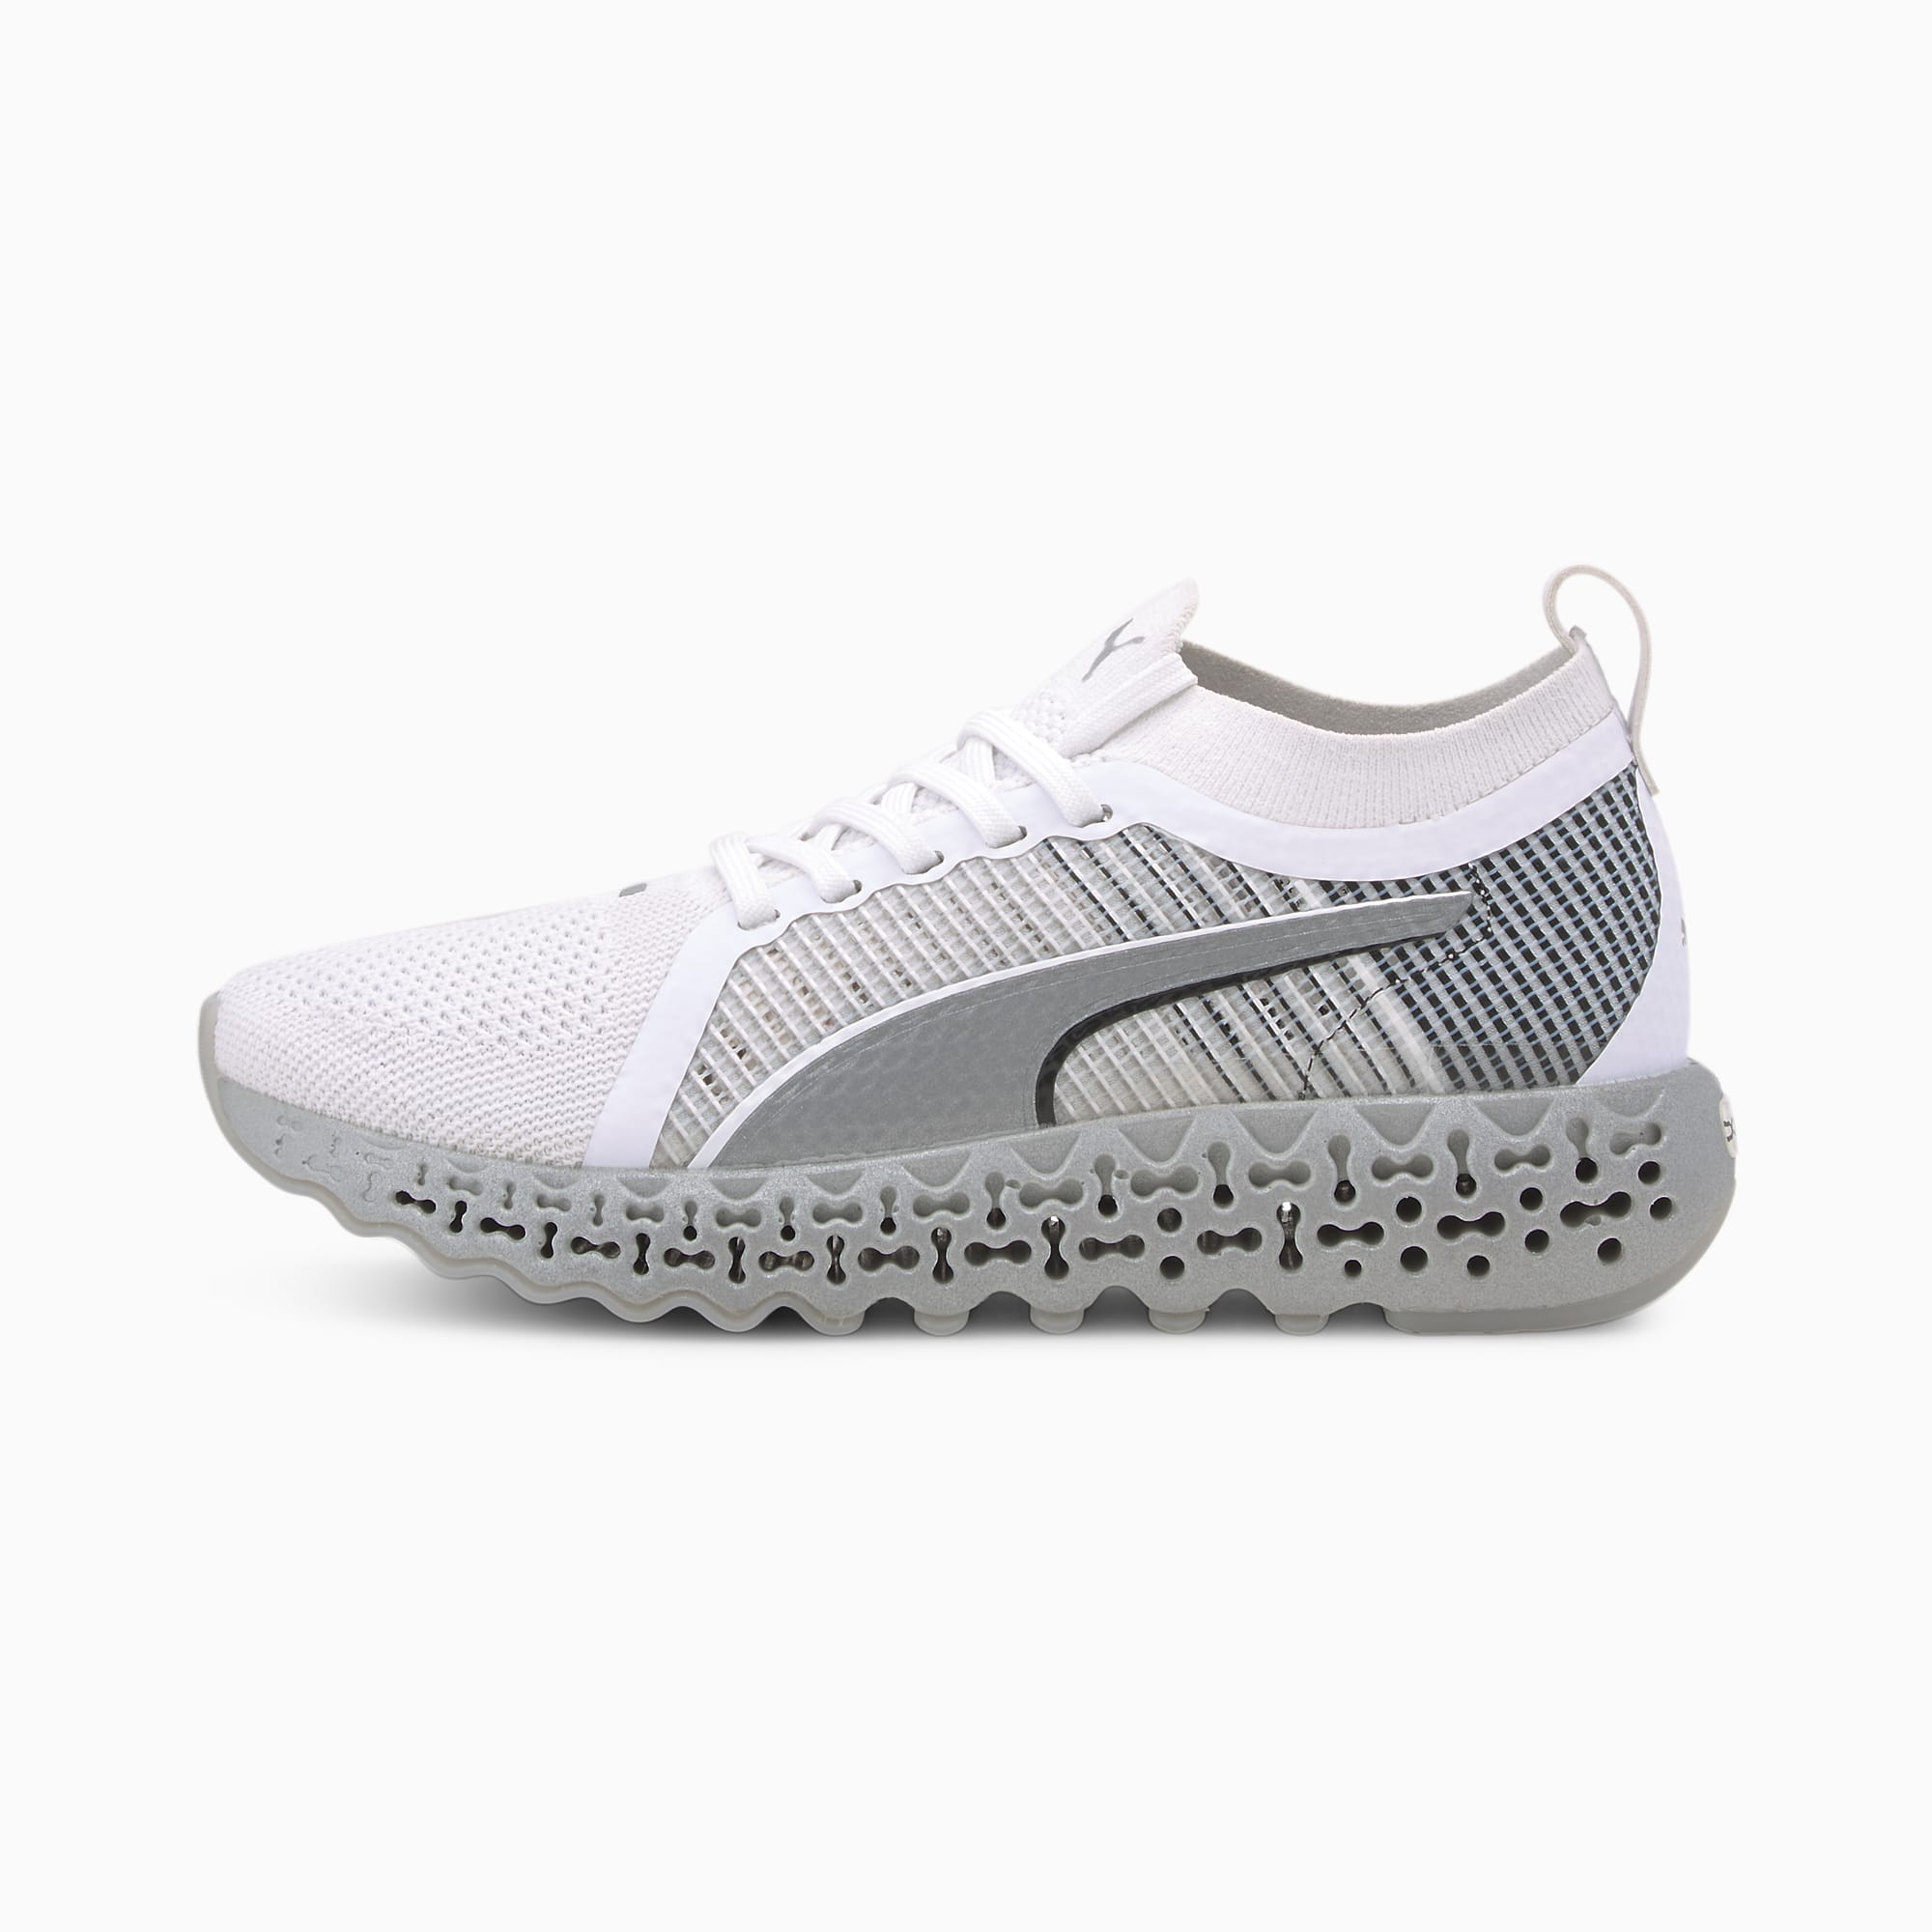 Image of PUMA Calibrate Damen Sneaker Schuhe | Mit Aucun | Weiß | Größe: 37.5